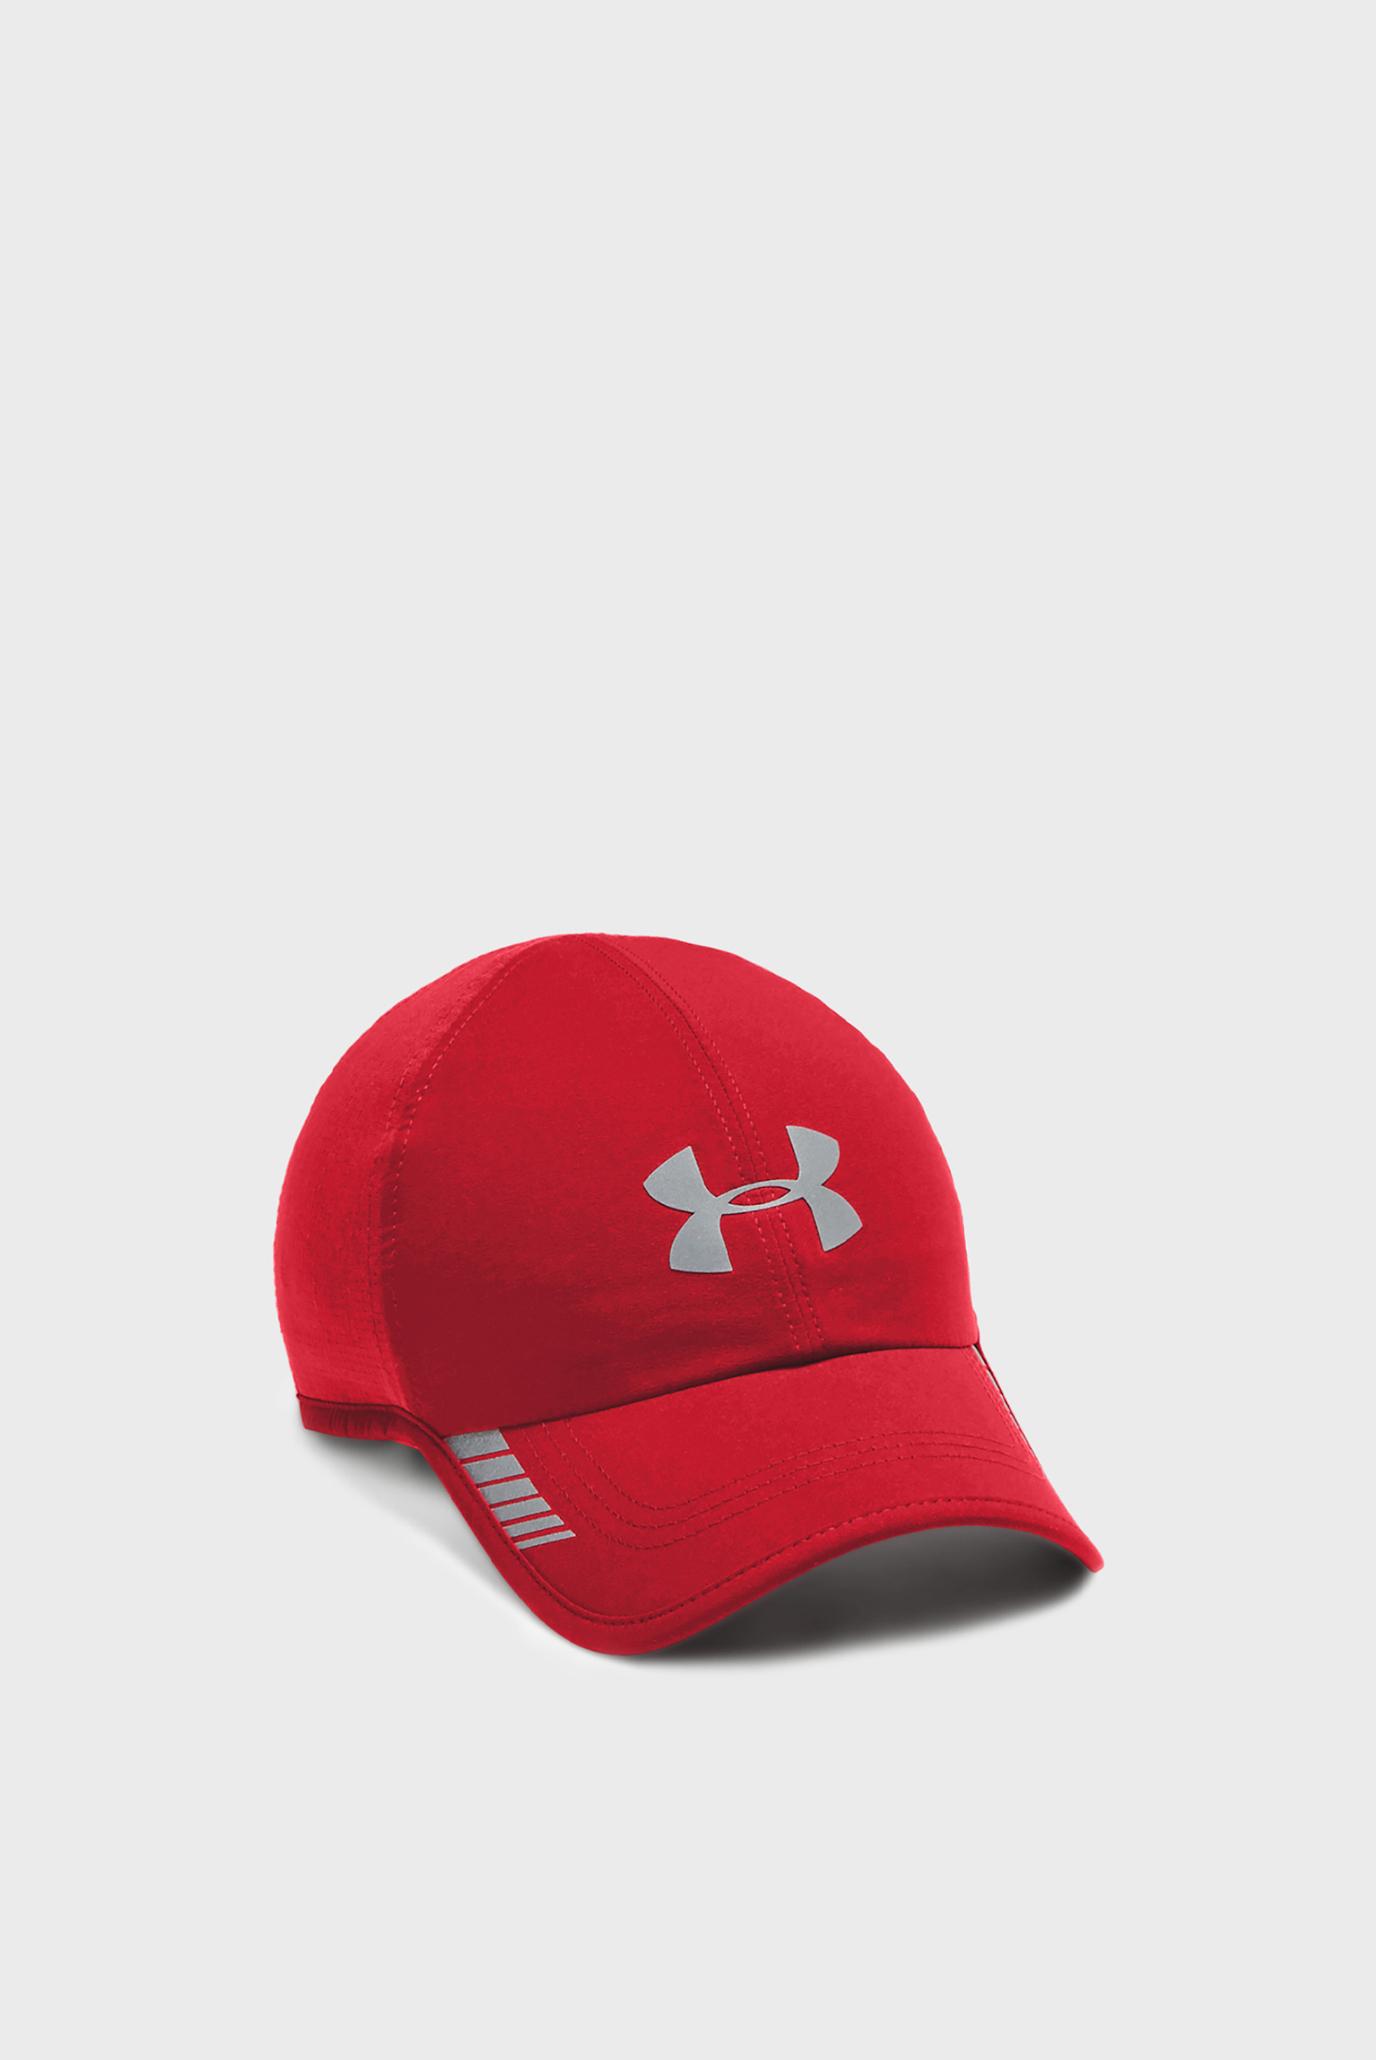 Мужская красная кепка Launch AV Cap Under Armour